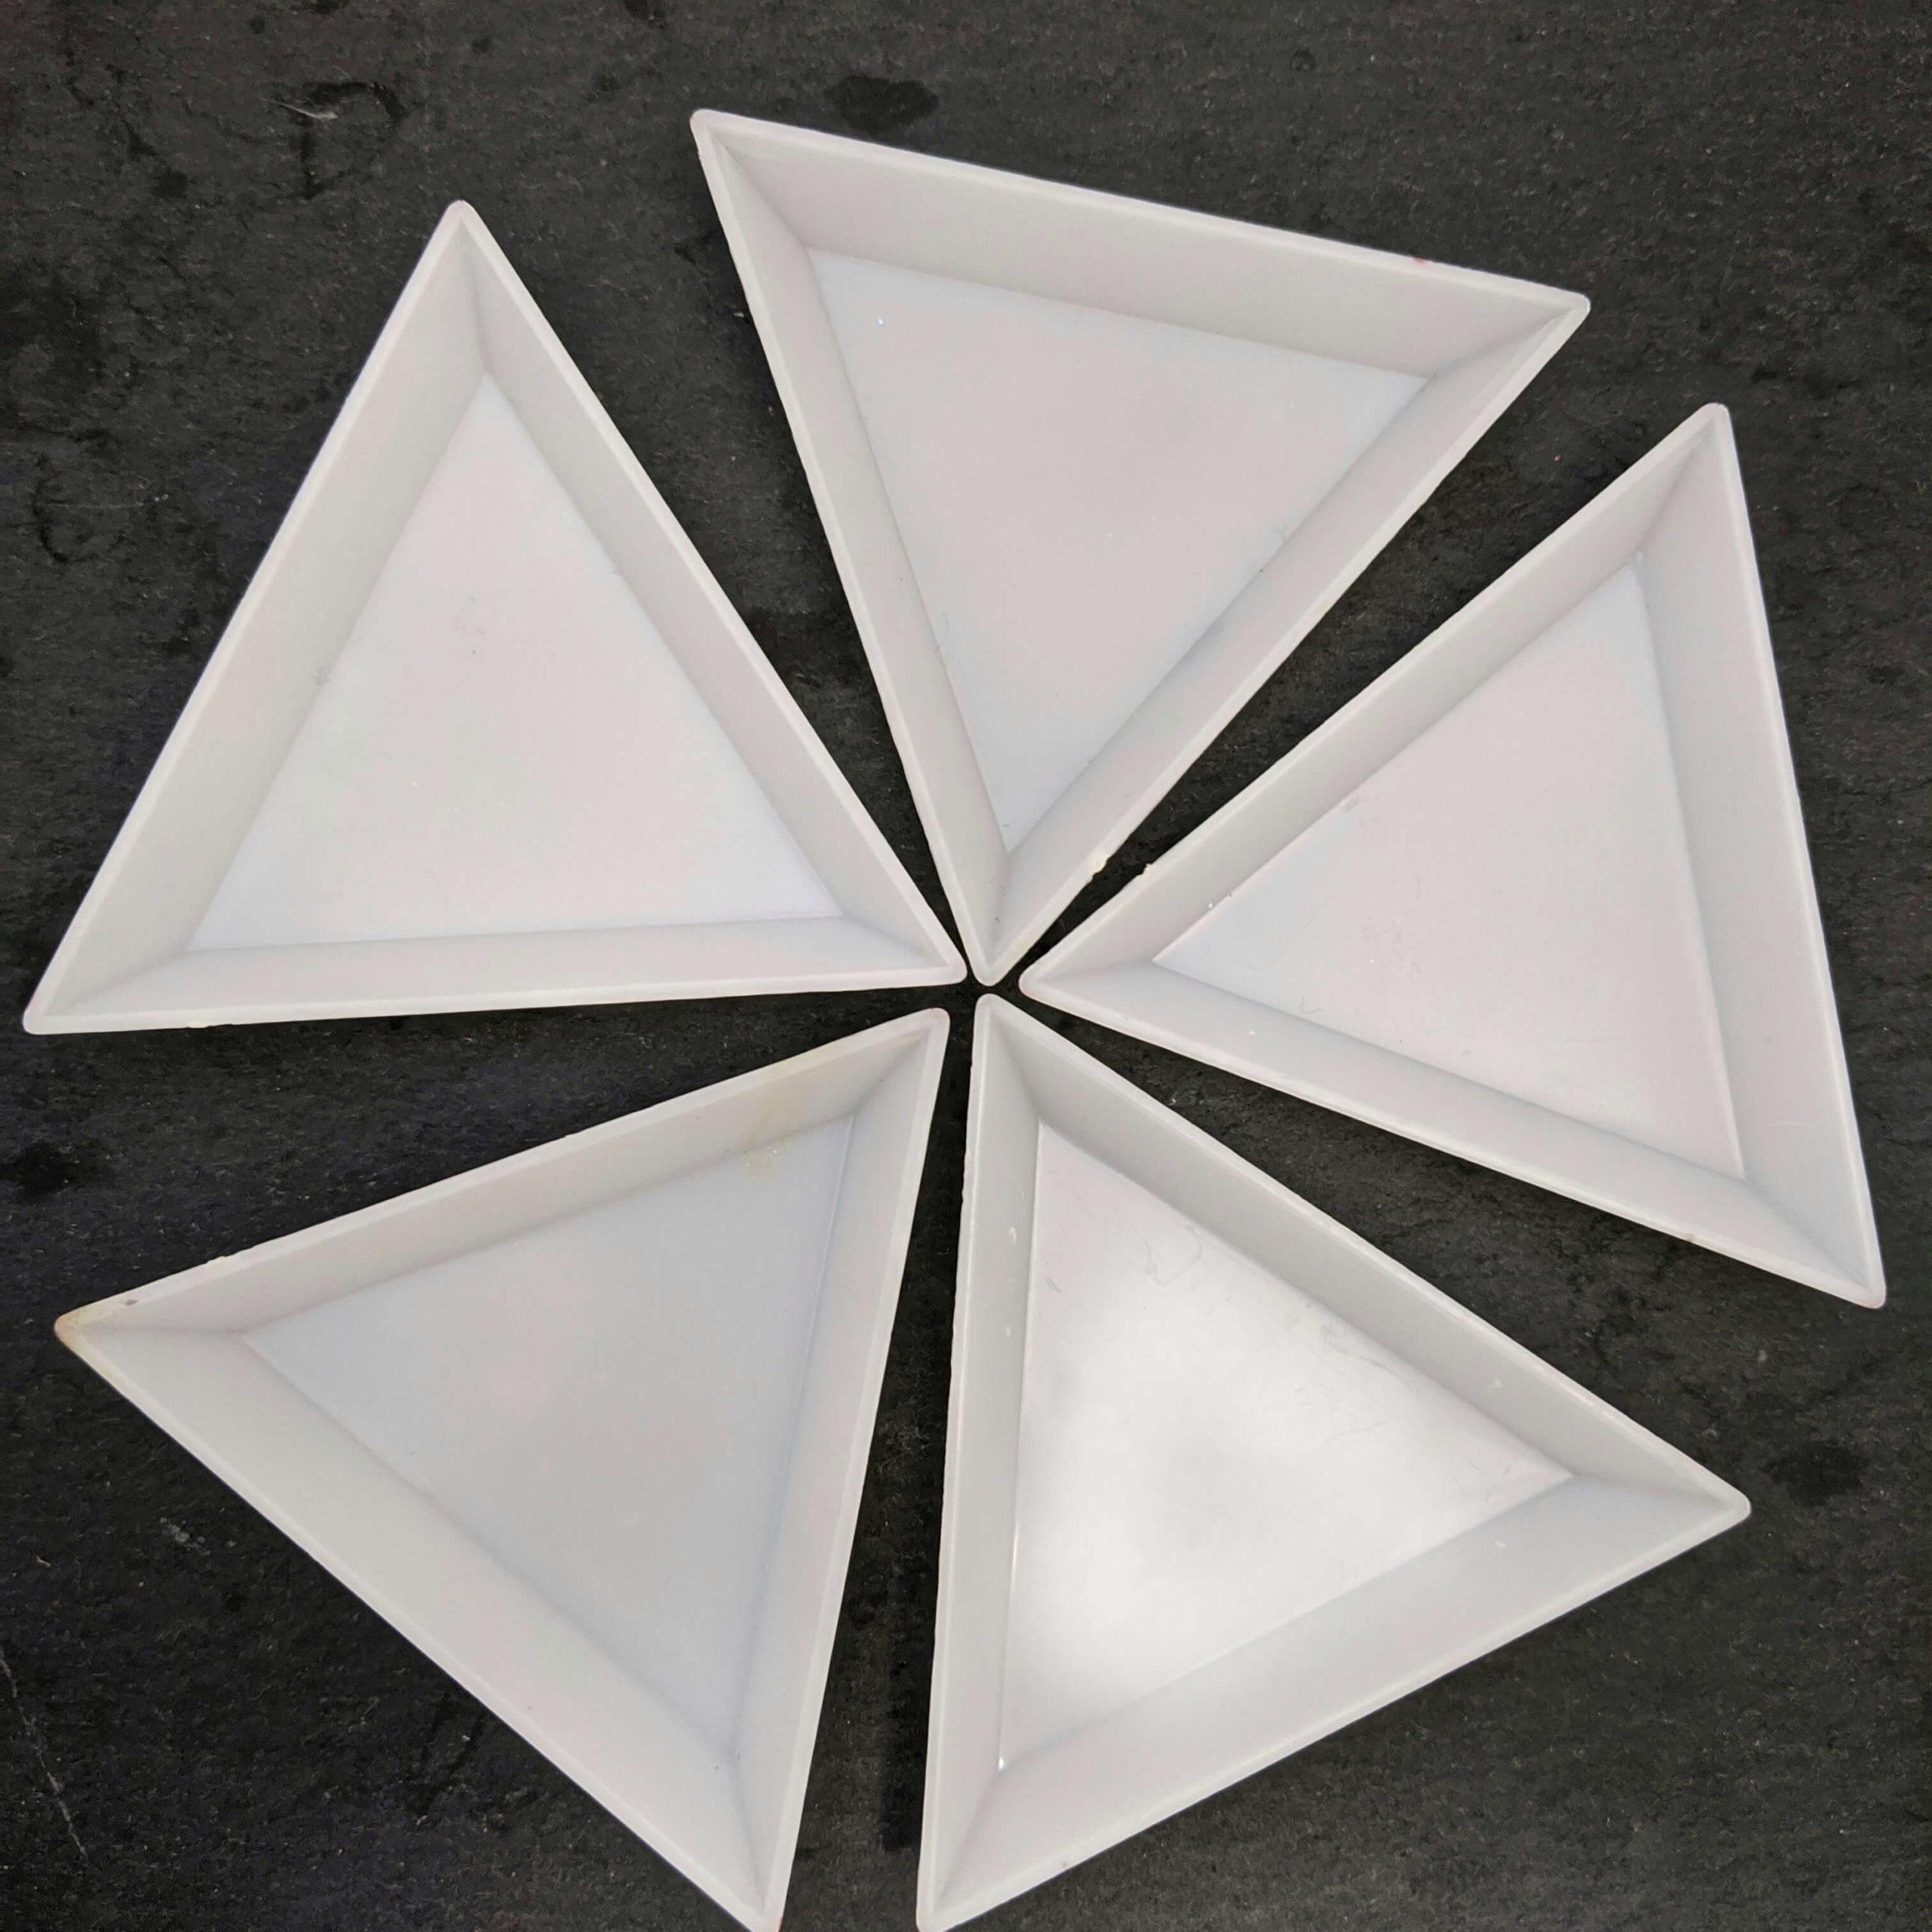 グルーデコを作る際にスワロフスキーを入れる三角トレイ